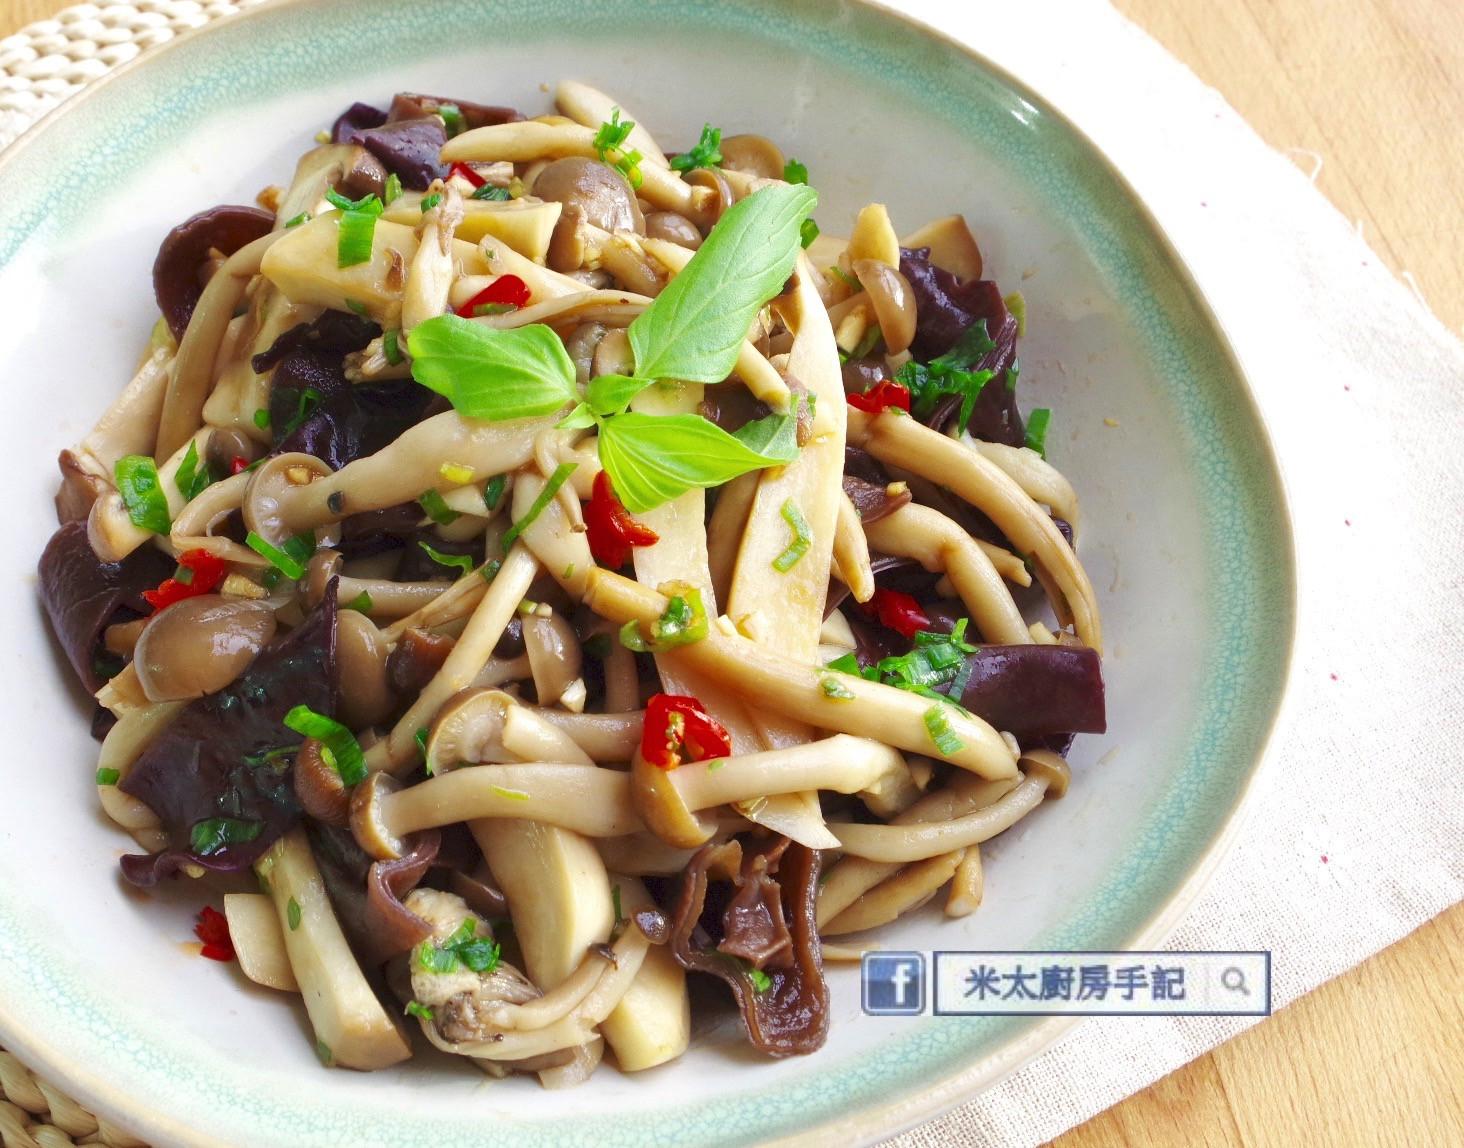 涼拌黑木耳菇菇